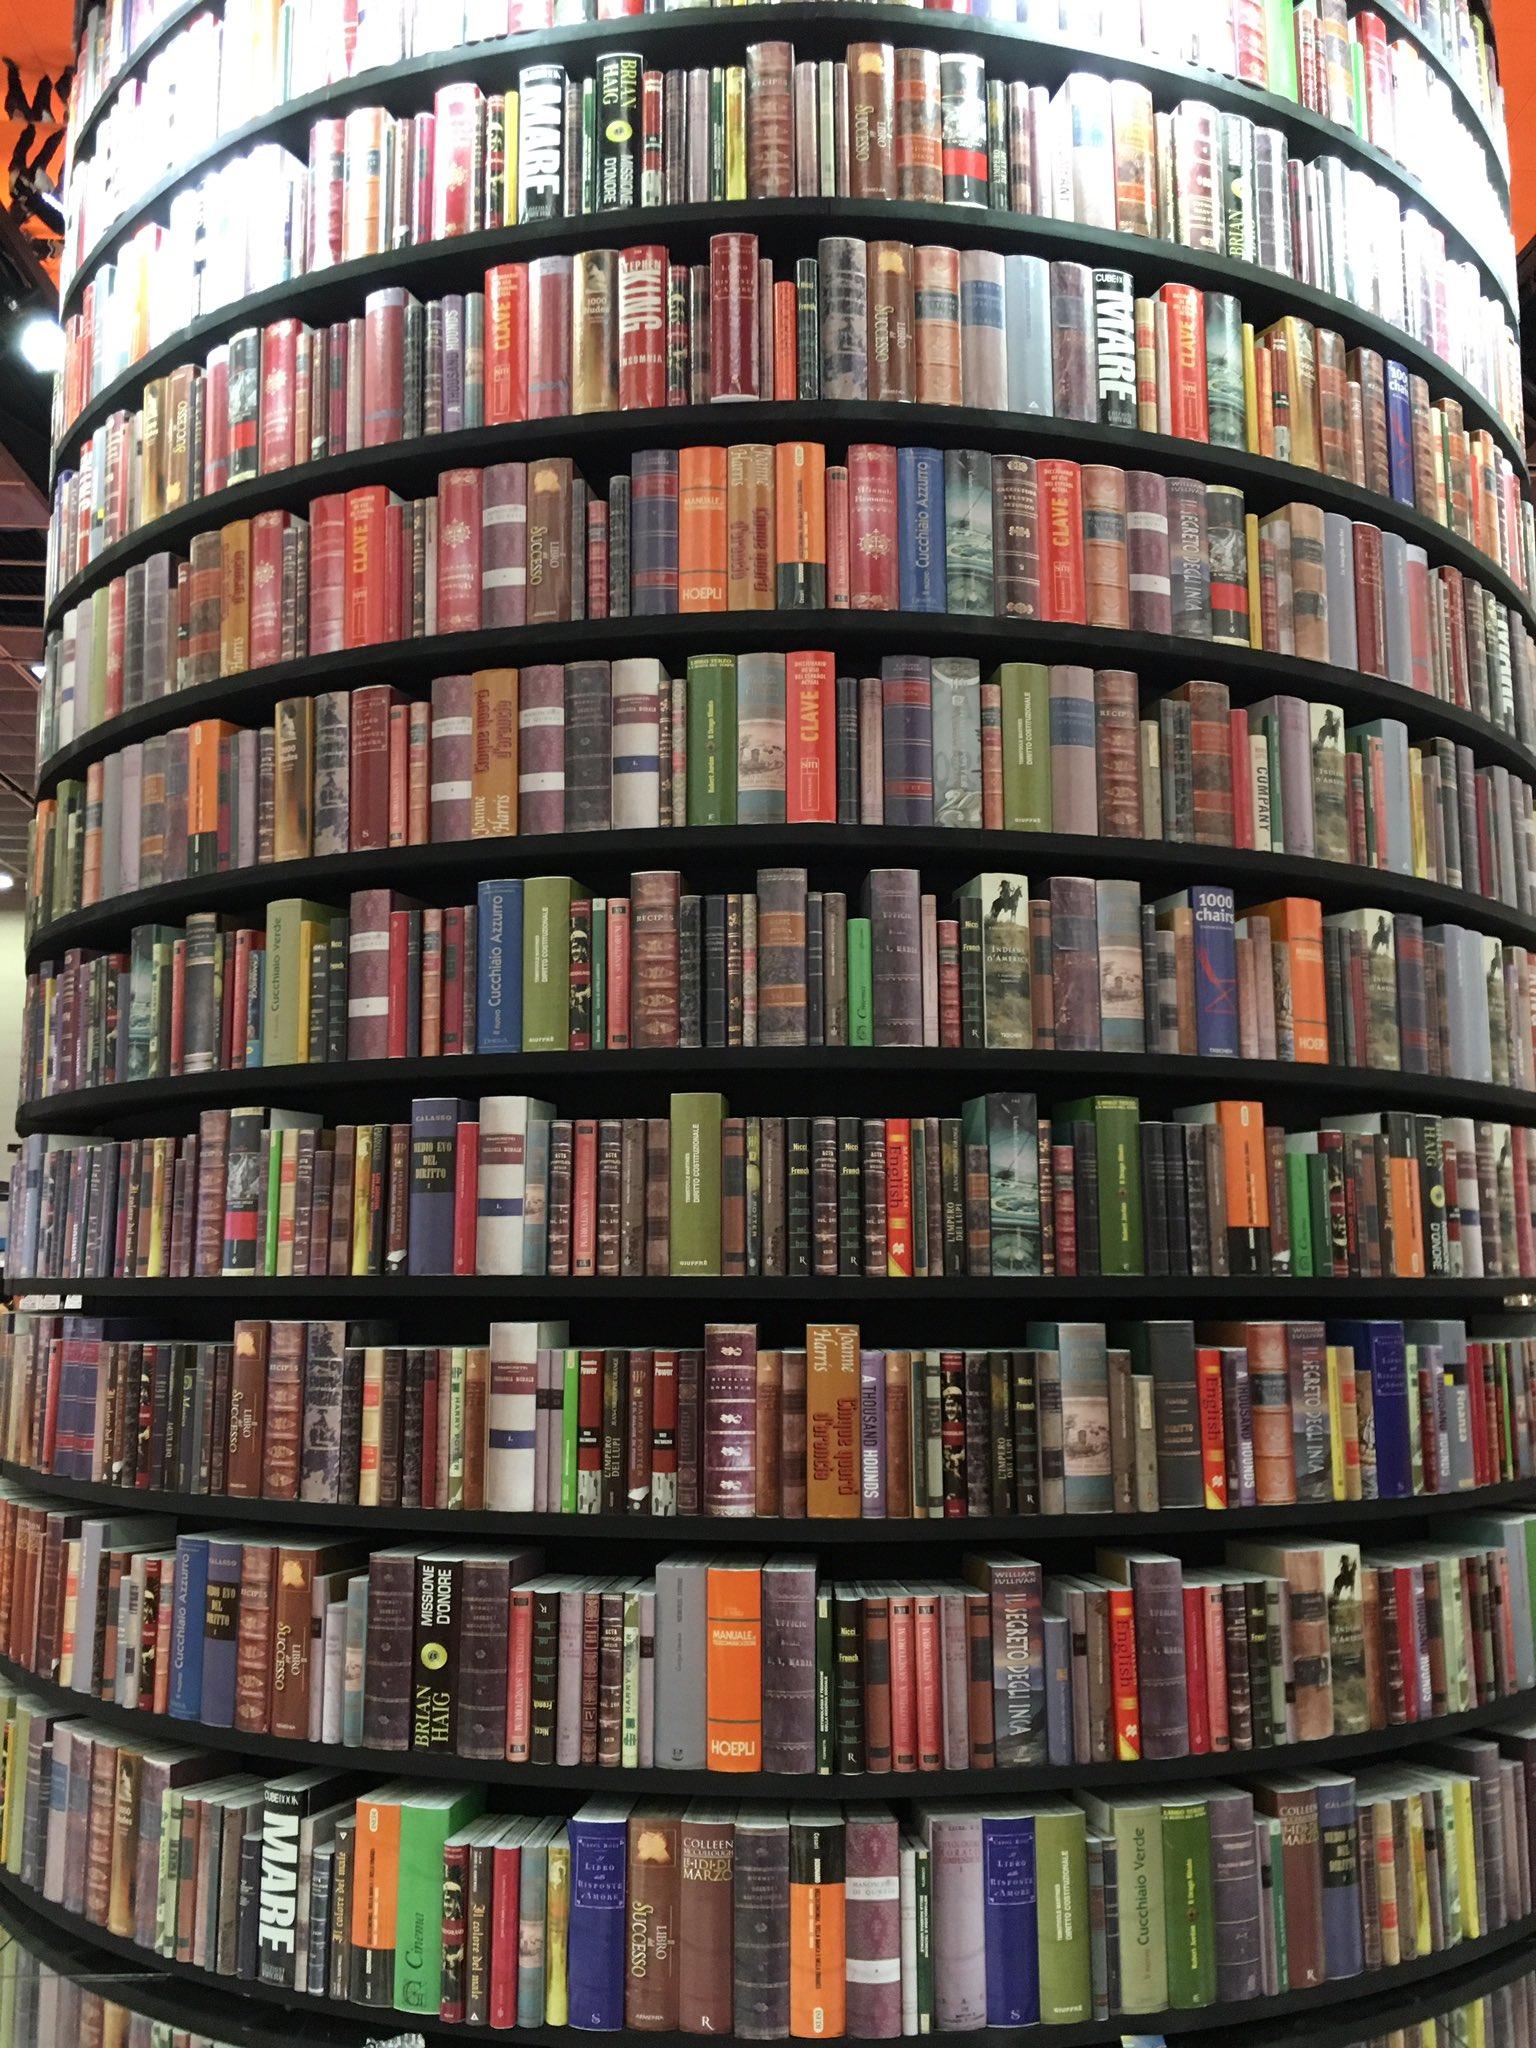 Mi piace l'albero di #libri al #SalTo17 by @lagangtorino e tante altre #librerie indipendenti di #Torino #Salto30 @SalonedelLibro https://t.co/6JZiFhUw8a